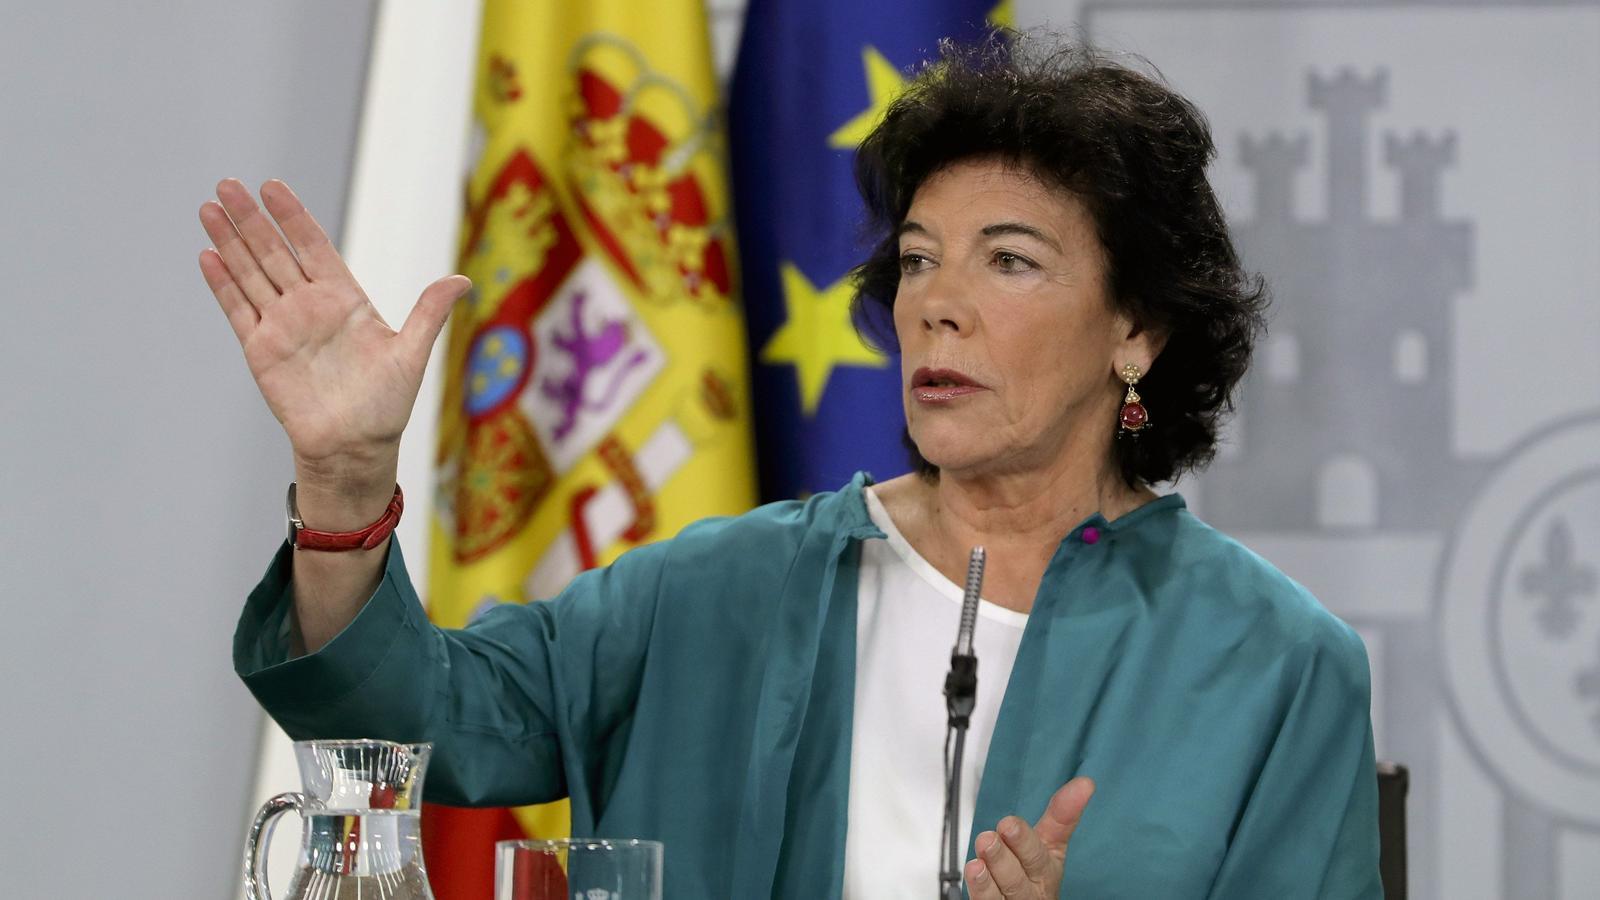 La ministra d'Educació i portaveu del govern espanyol, Isabel Celaá, durant la roda de premsa posterior al consell de ministres d'aquest divendres